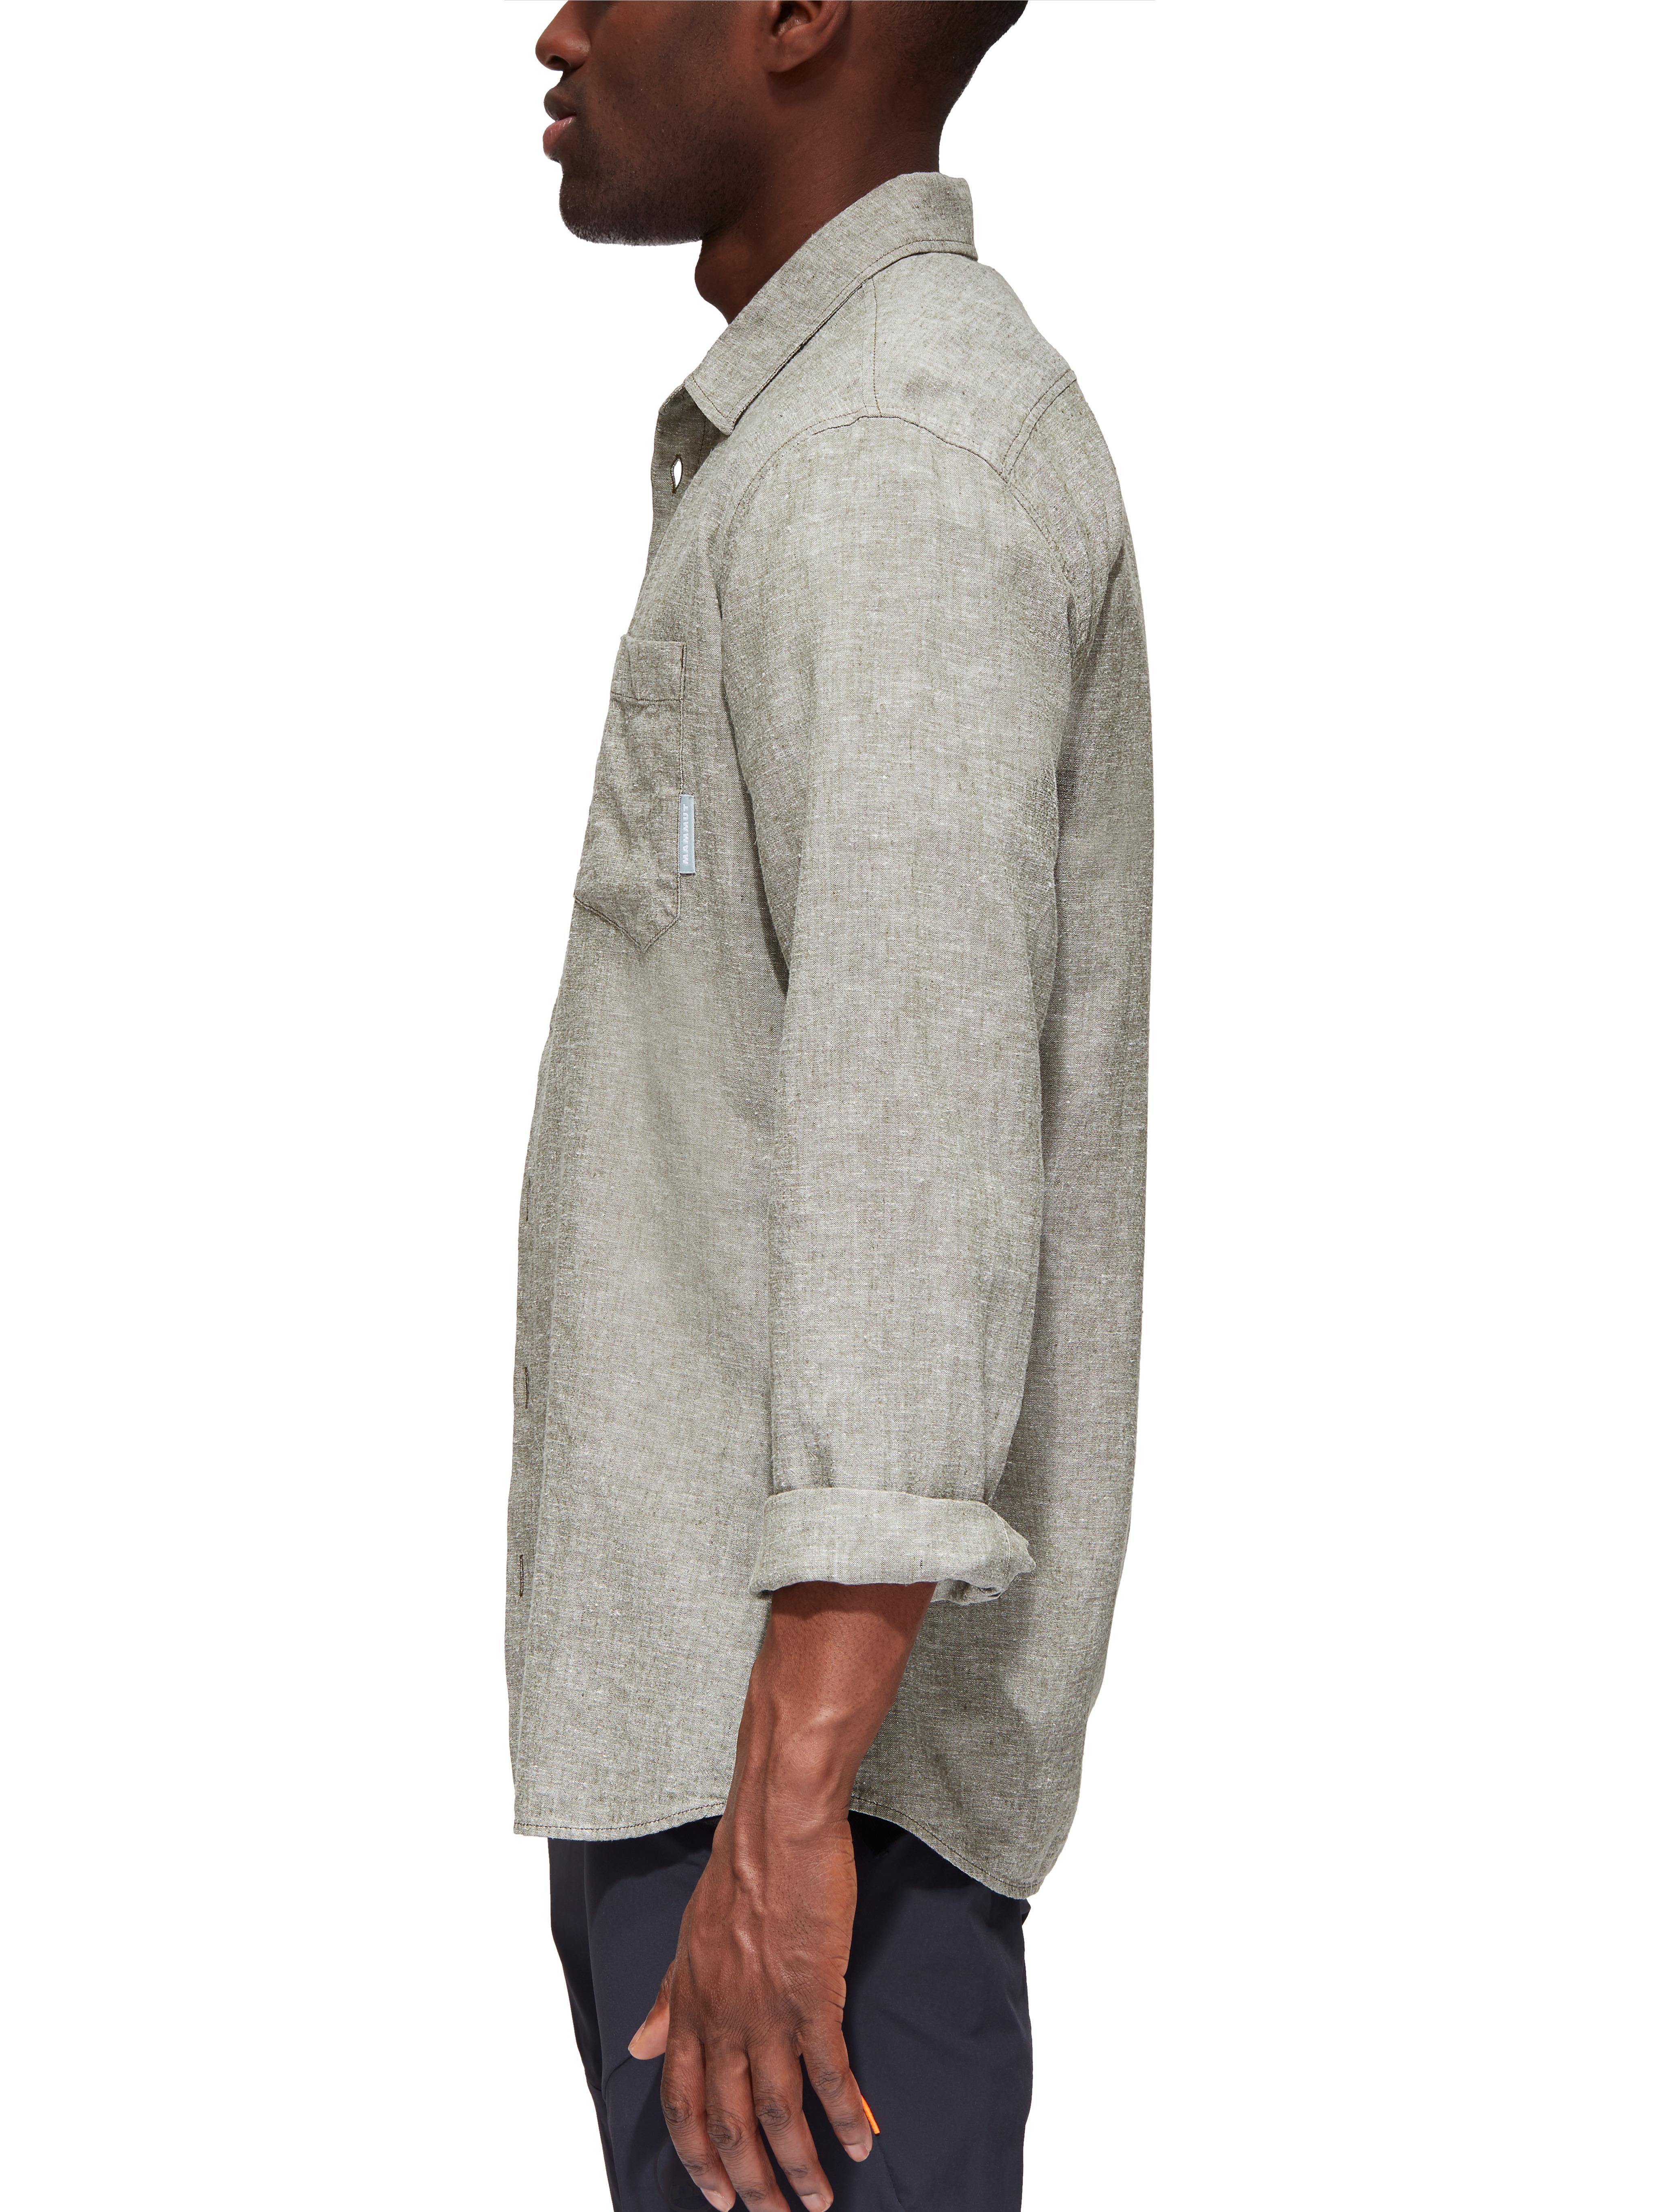 Mammut Hemp Longsleeve Shirt Men product image